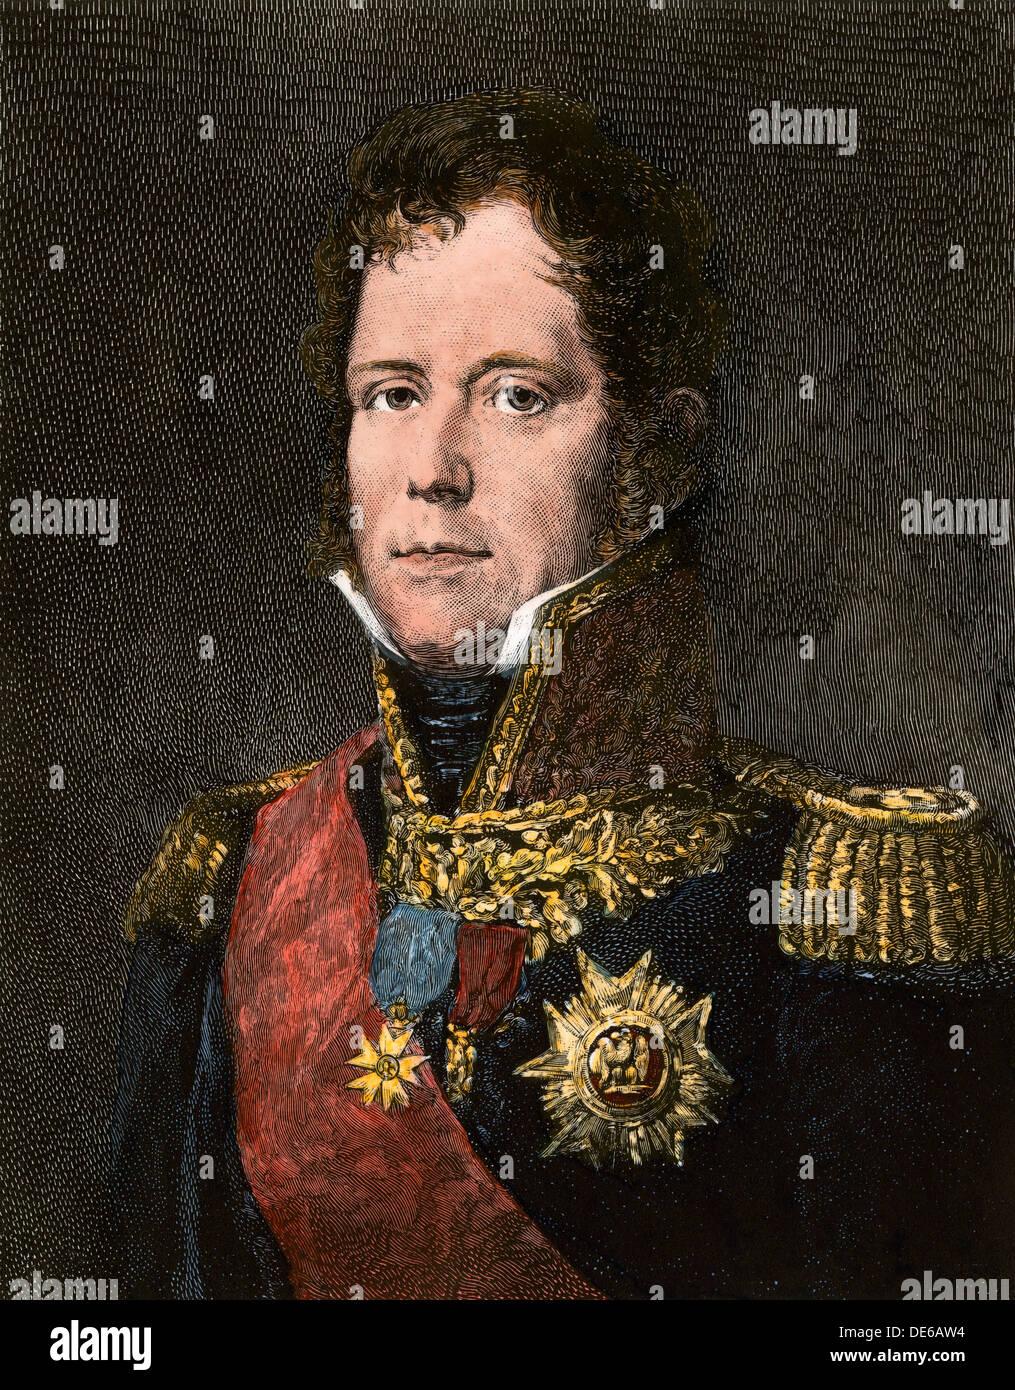 El Mariscal Michel Ney, comandante de la vieja guardia de Napoleón en Waterloo. Xilografía coloreada a mano Imagen De Stock